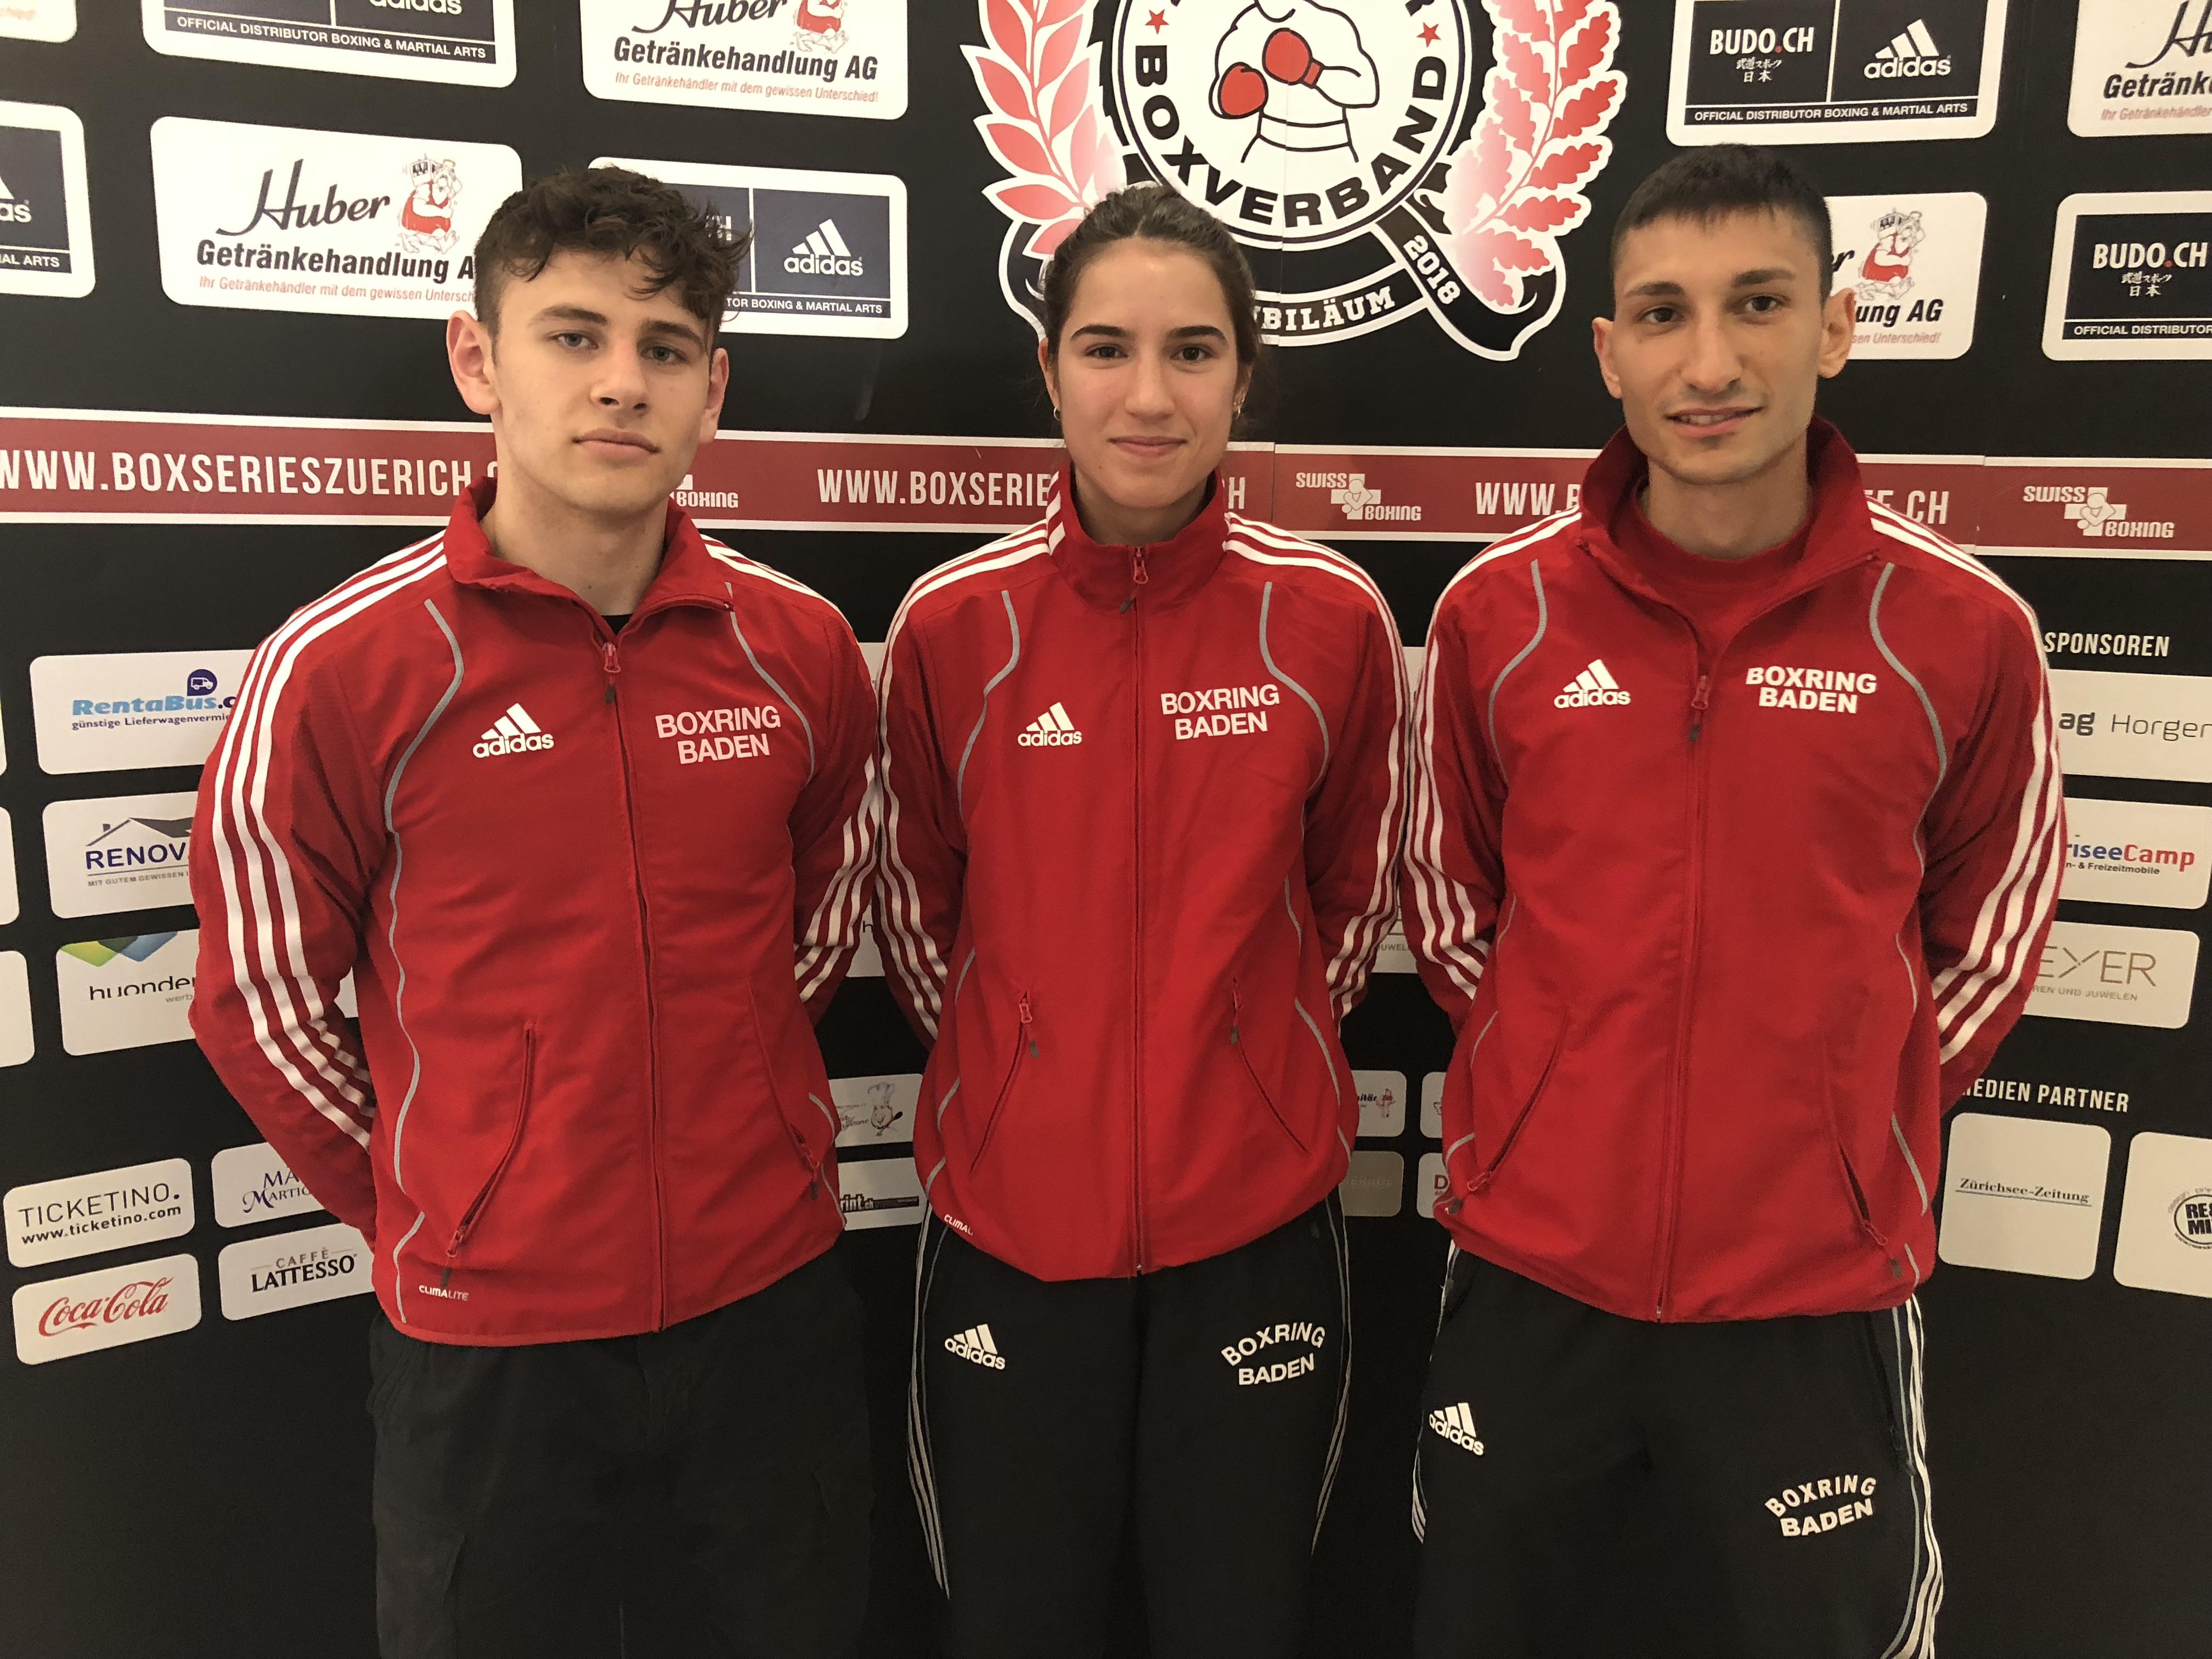 2018 April: Team Baden bei der Deutschschweiz-Tessiner Meisterschaft